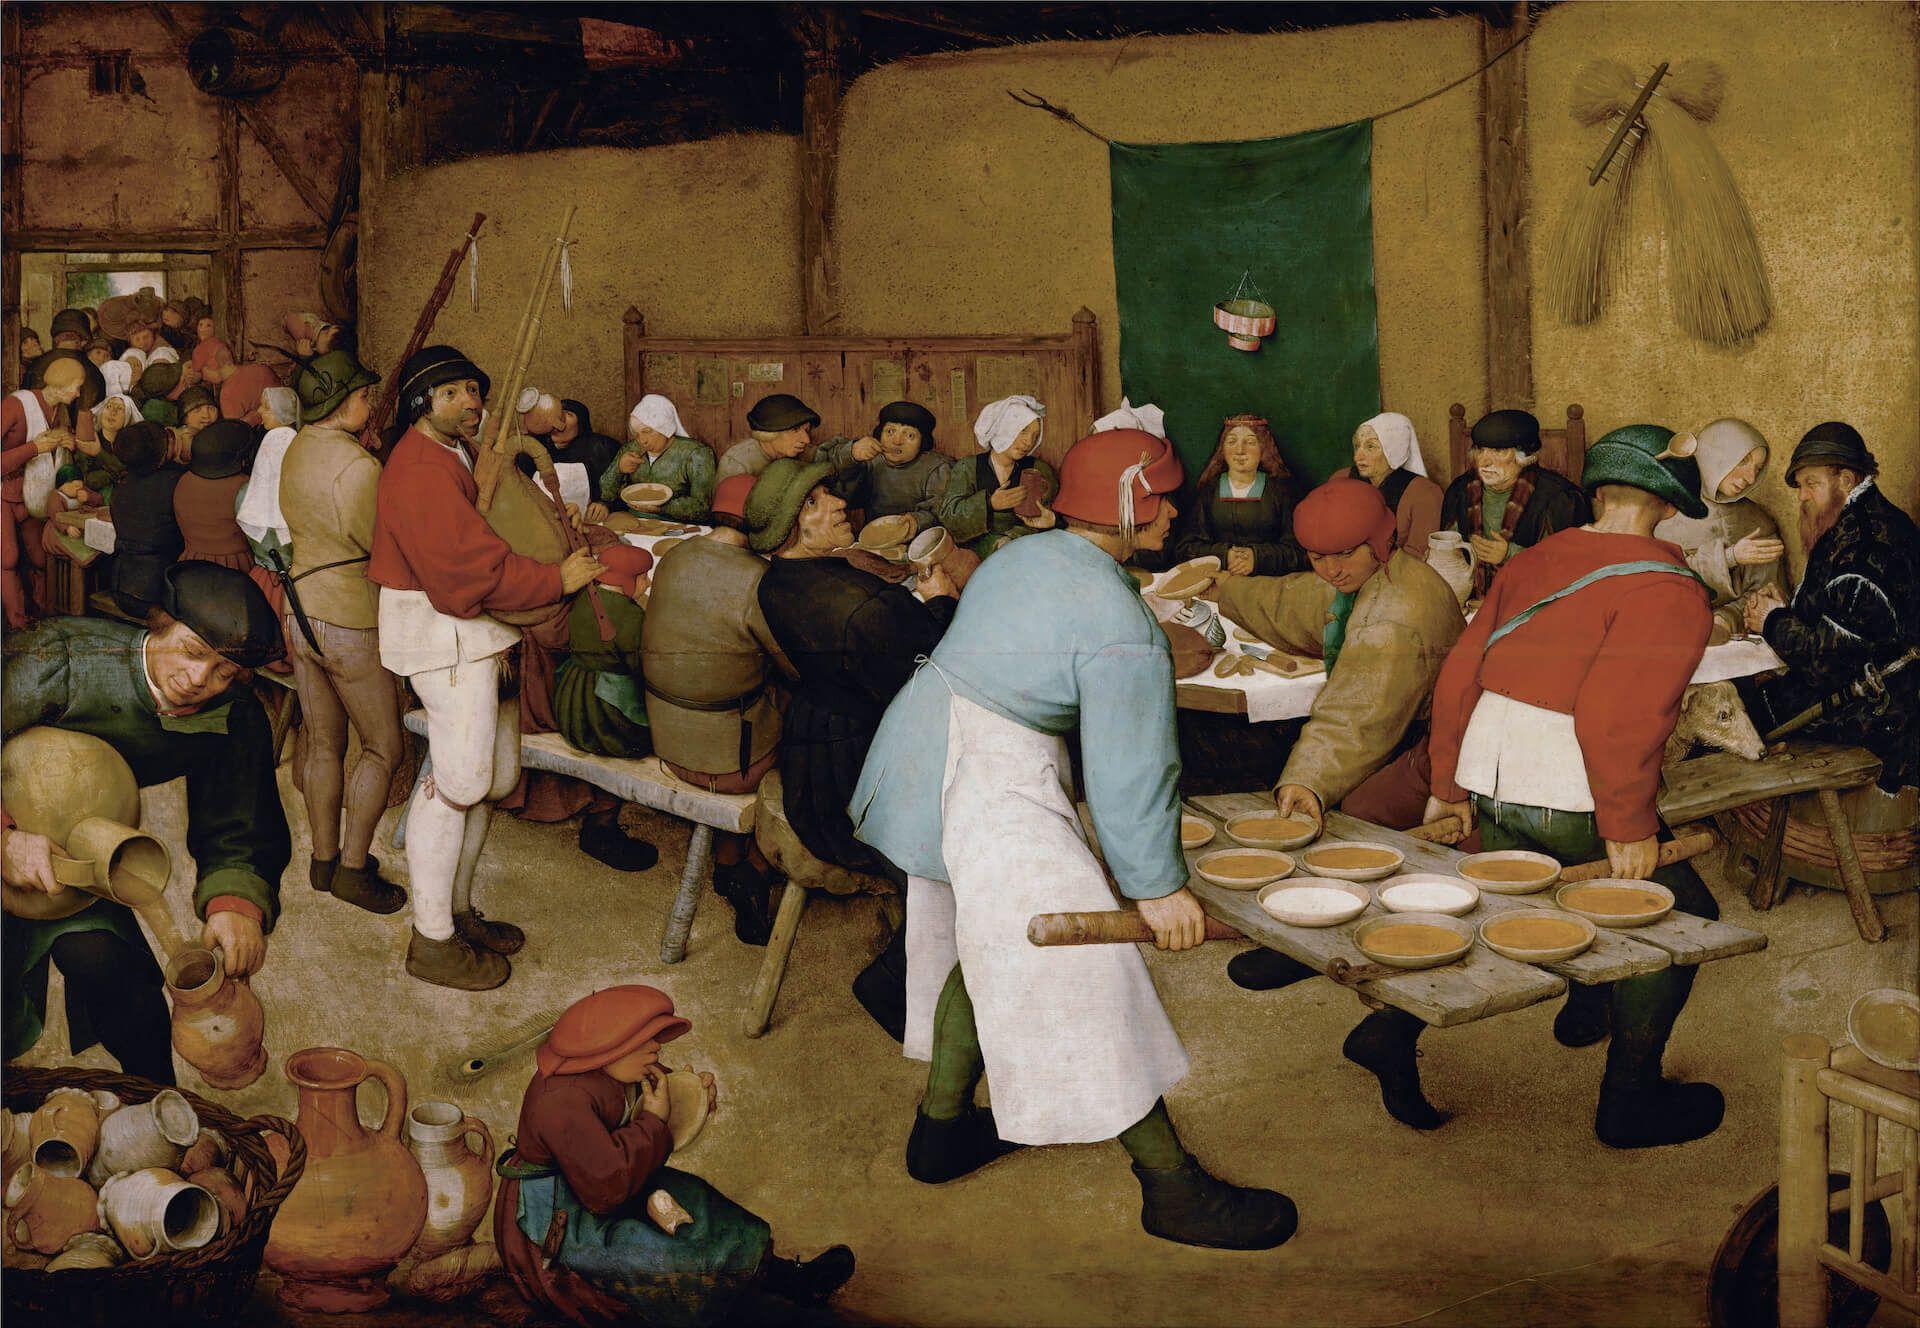 La boda campesina Pieter Brueghel el Viejo Flandes